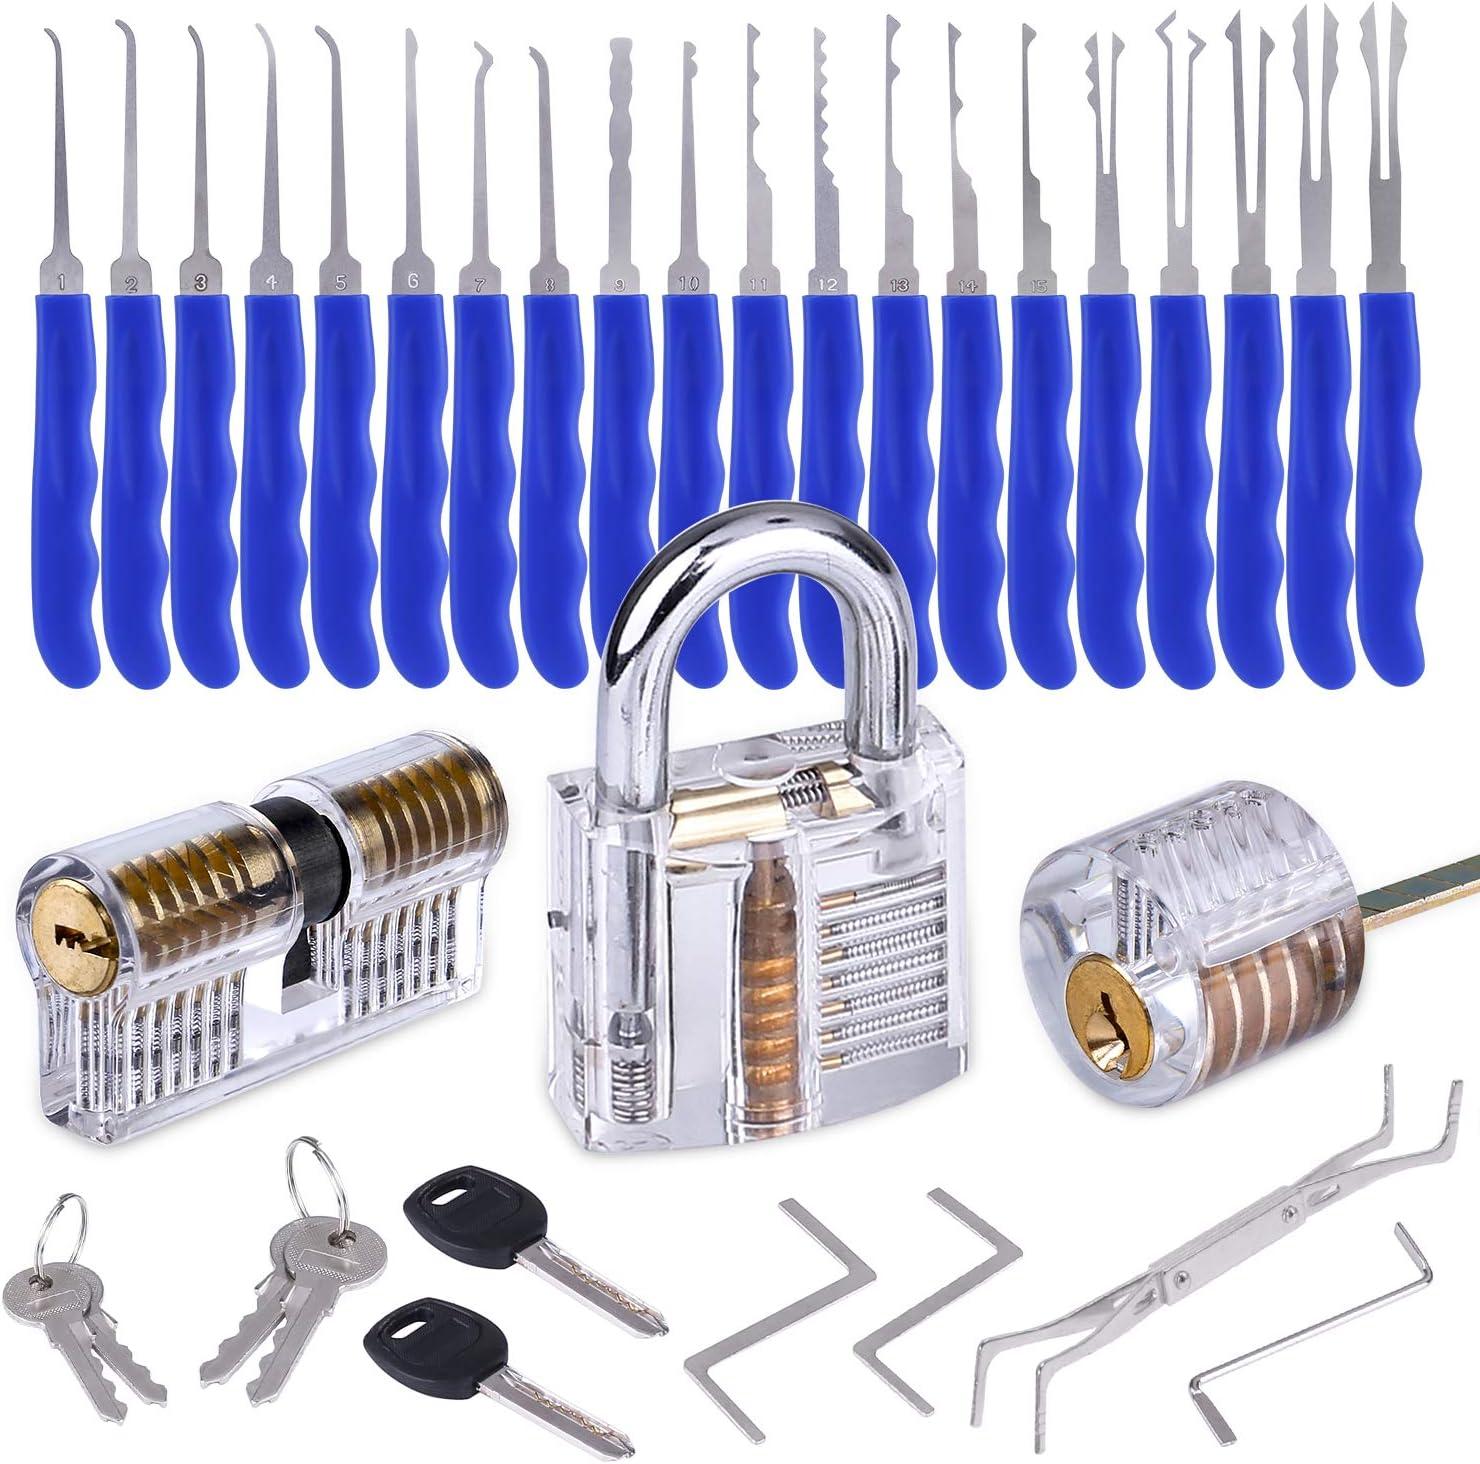 INNOCHEER Lockpicking Set 24-Teiliges Lock Pick Set mit 3 Transparentem Trainingsschl/össern und Ledertasche f/ür Anf/änger und Profis Schlosser Dietrich Set